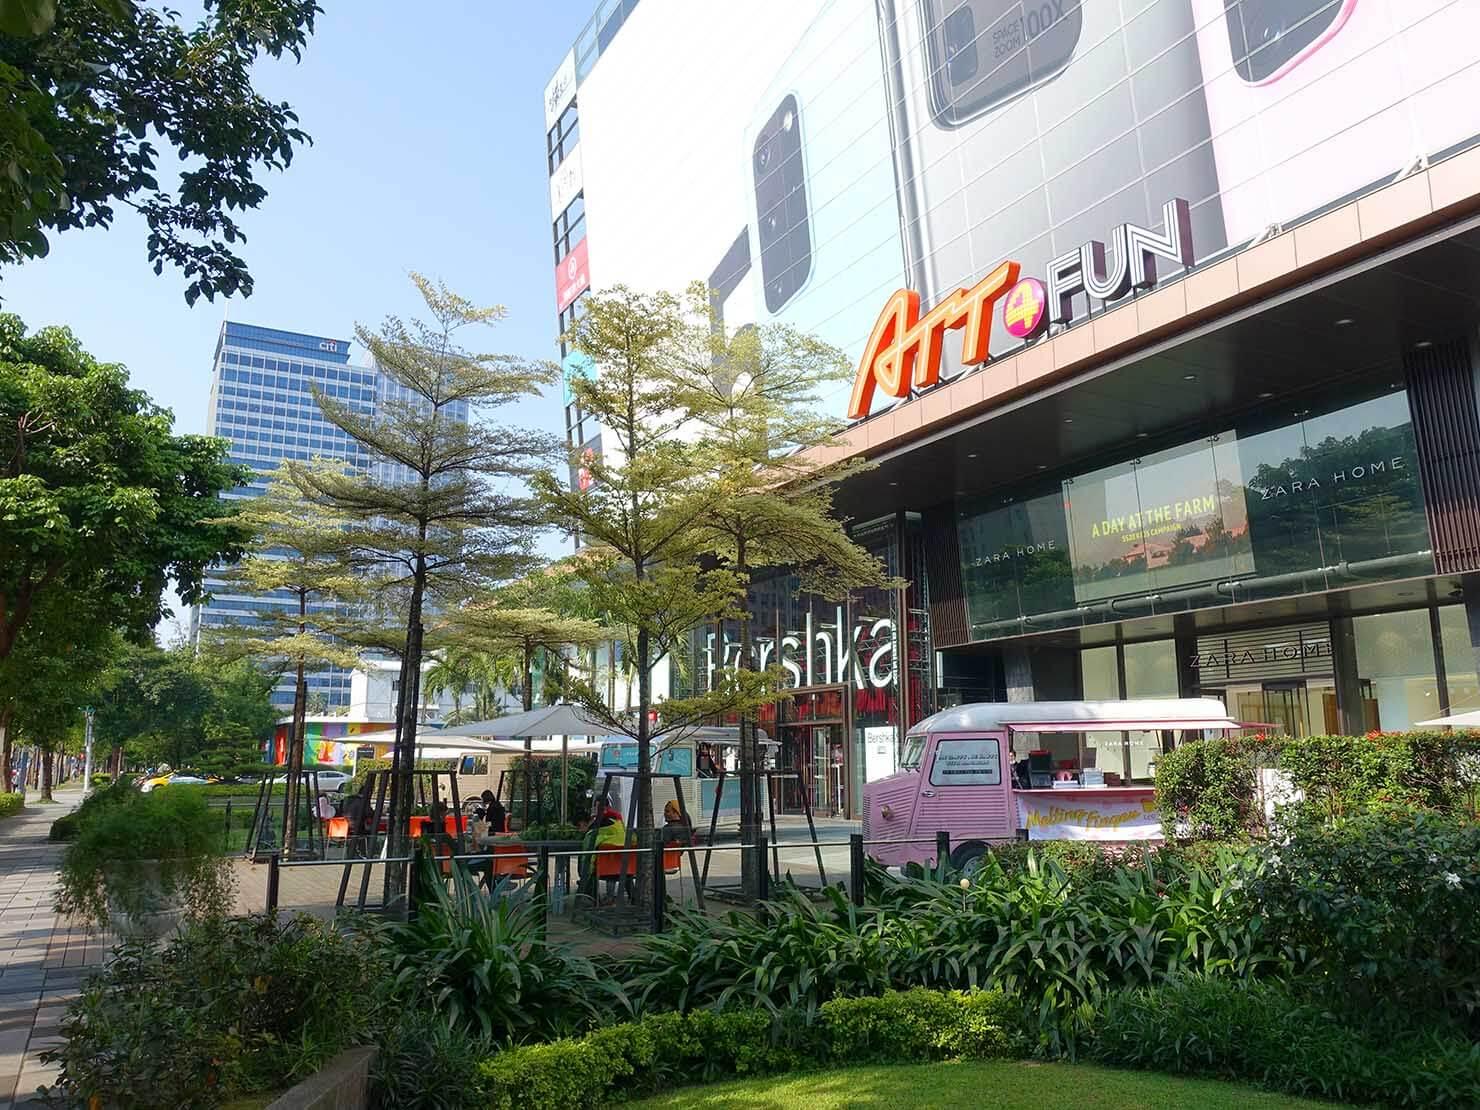 台北・信義區のファッションビル「ATT 4 FUN」